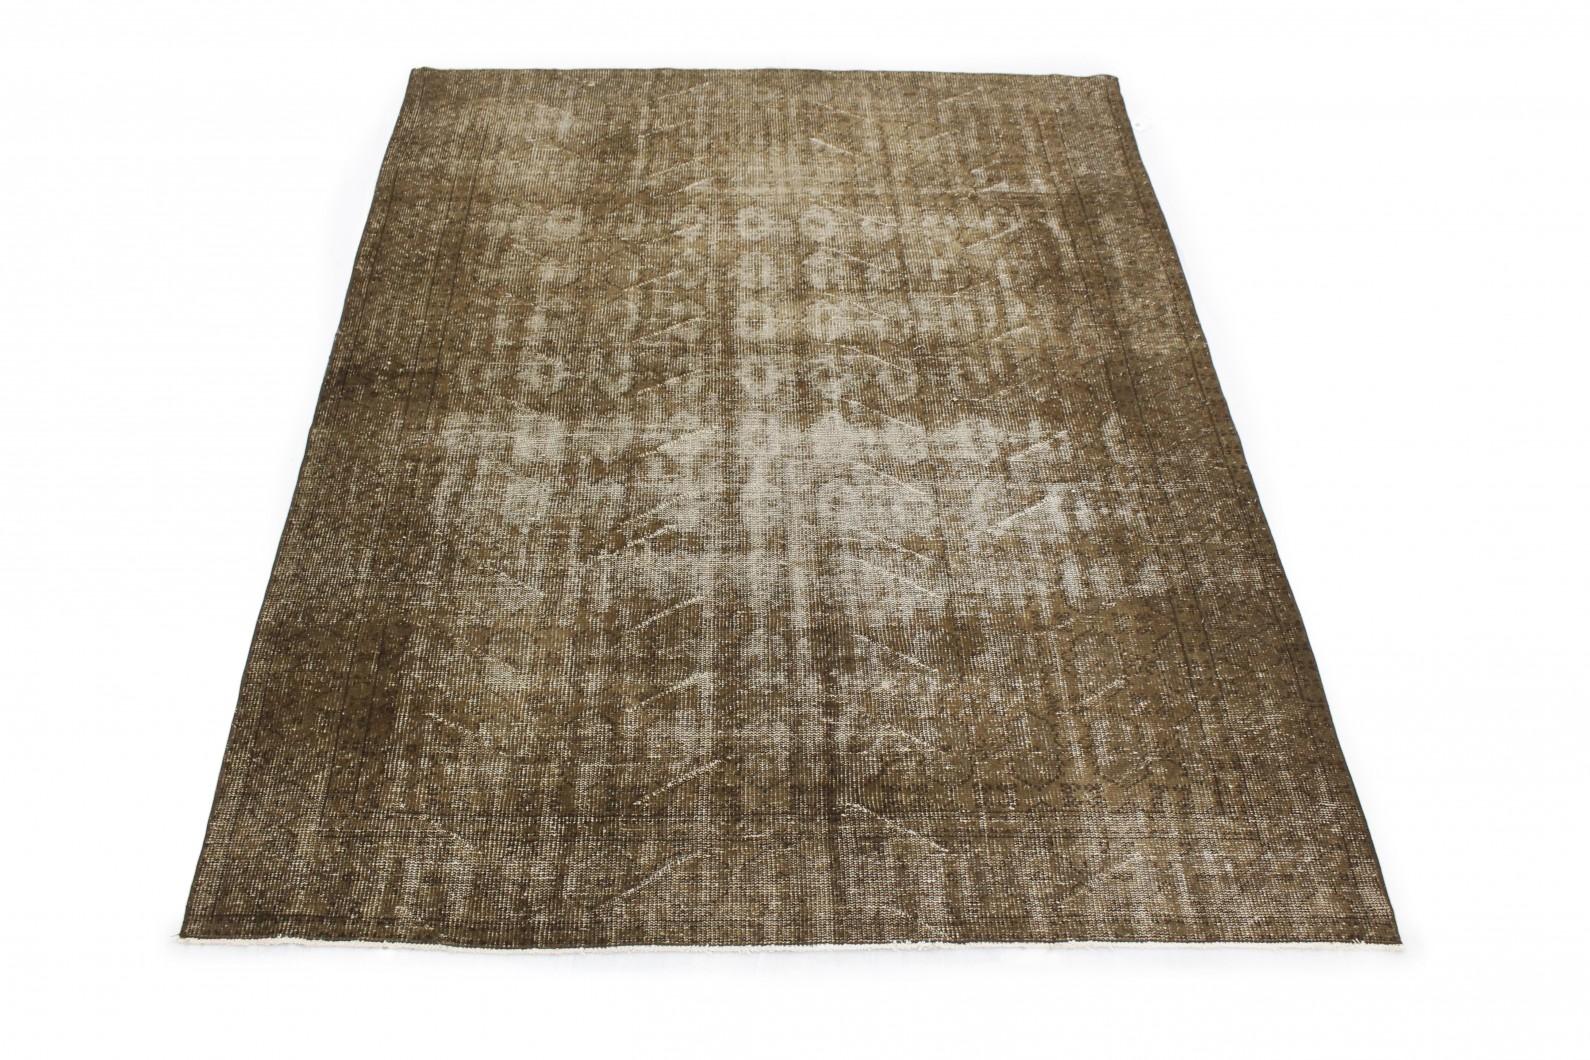 Vintage Teppich Braun in 270x200cm (1 / 3)